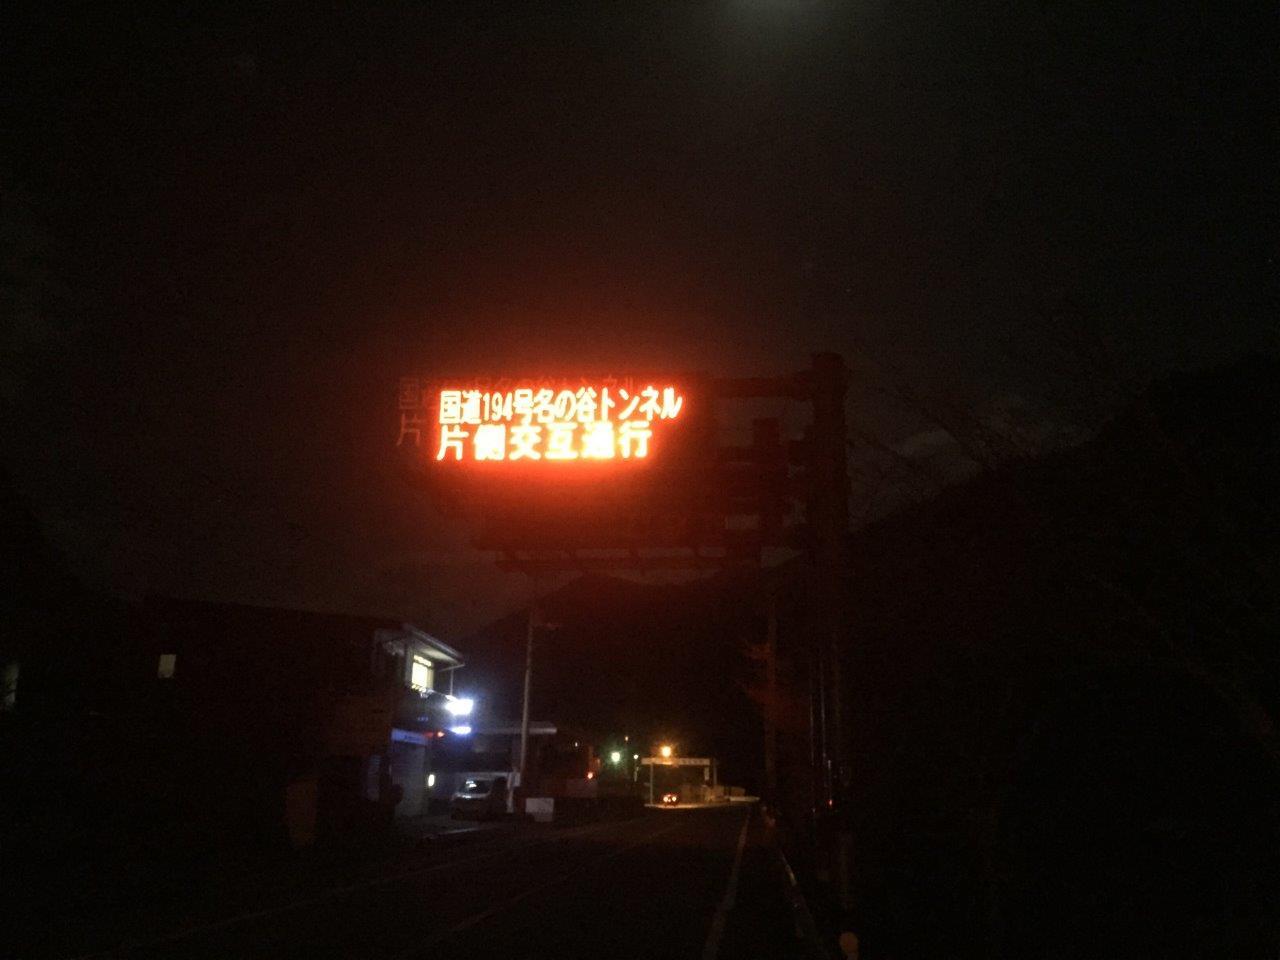 道の駅633美の里(むささびのさと)「国道194号 名の谷トンネル火災事故に伴う上下線通行止の解除」について(12月31日21時更新)